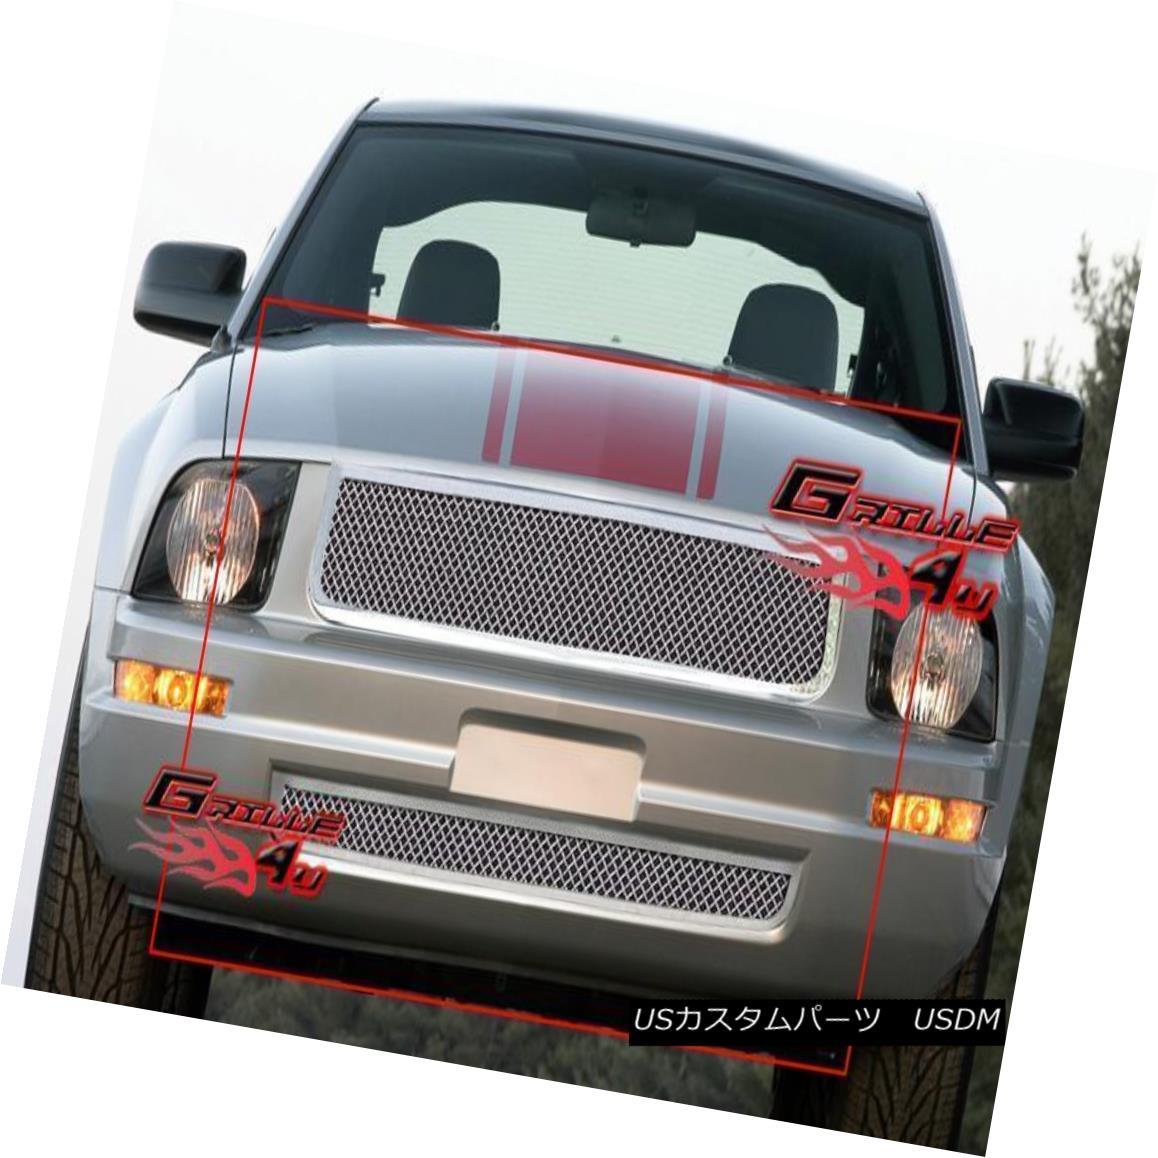 グリル Fits 2005-2009 Ford Mustang V6 Stainless Steel Mesh Grille Combo フィット2005-2009フォードマスタングV6ステンレスメッシュグリルコンボ